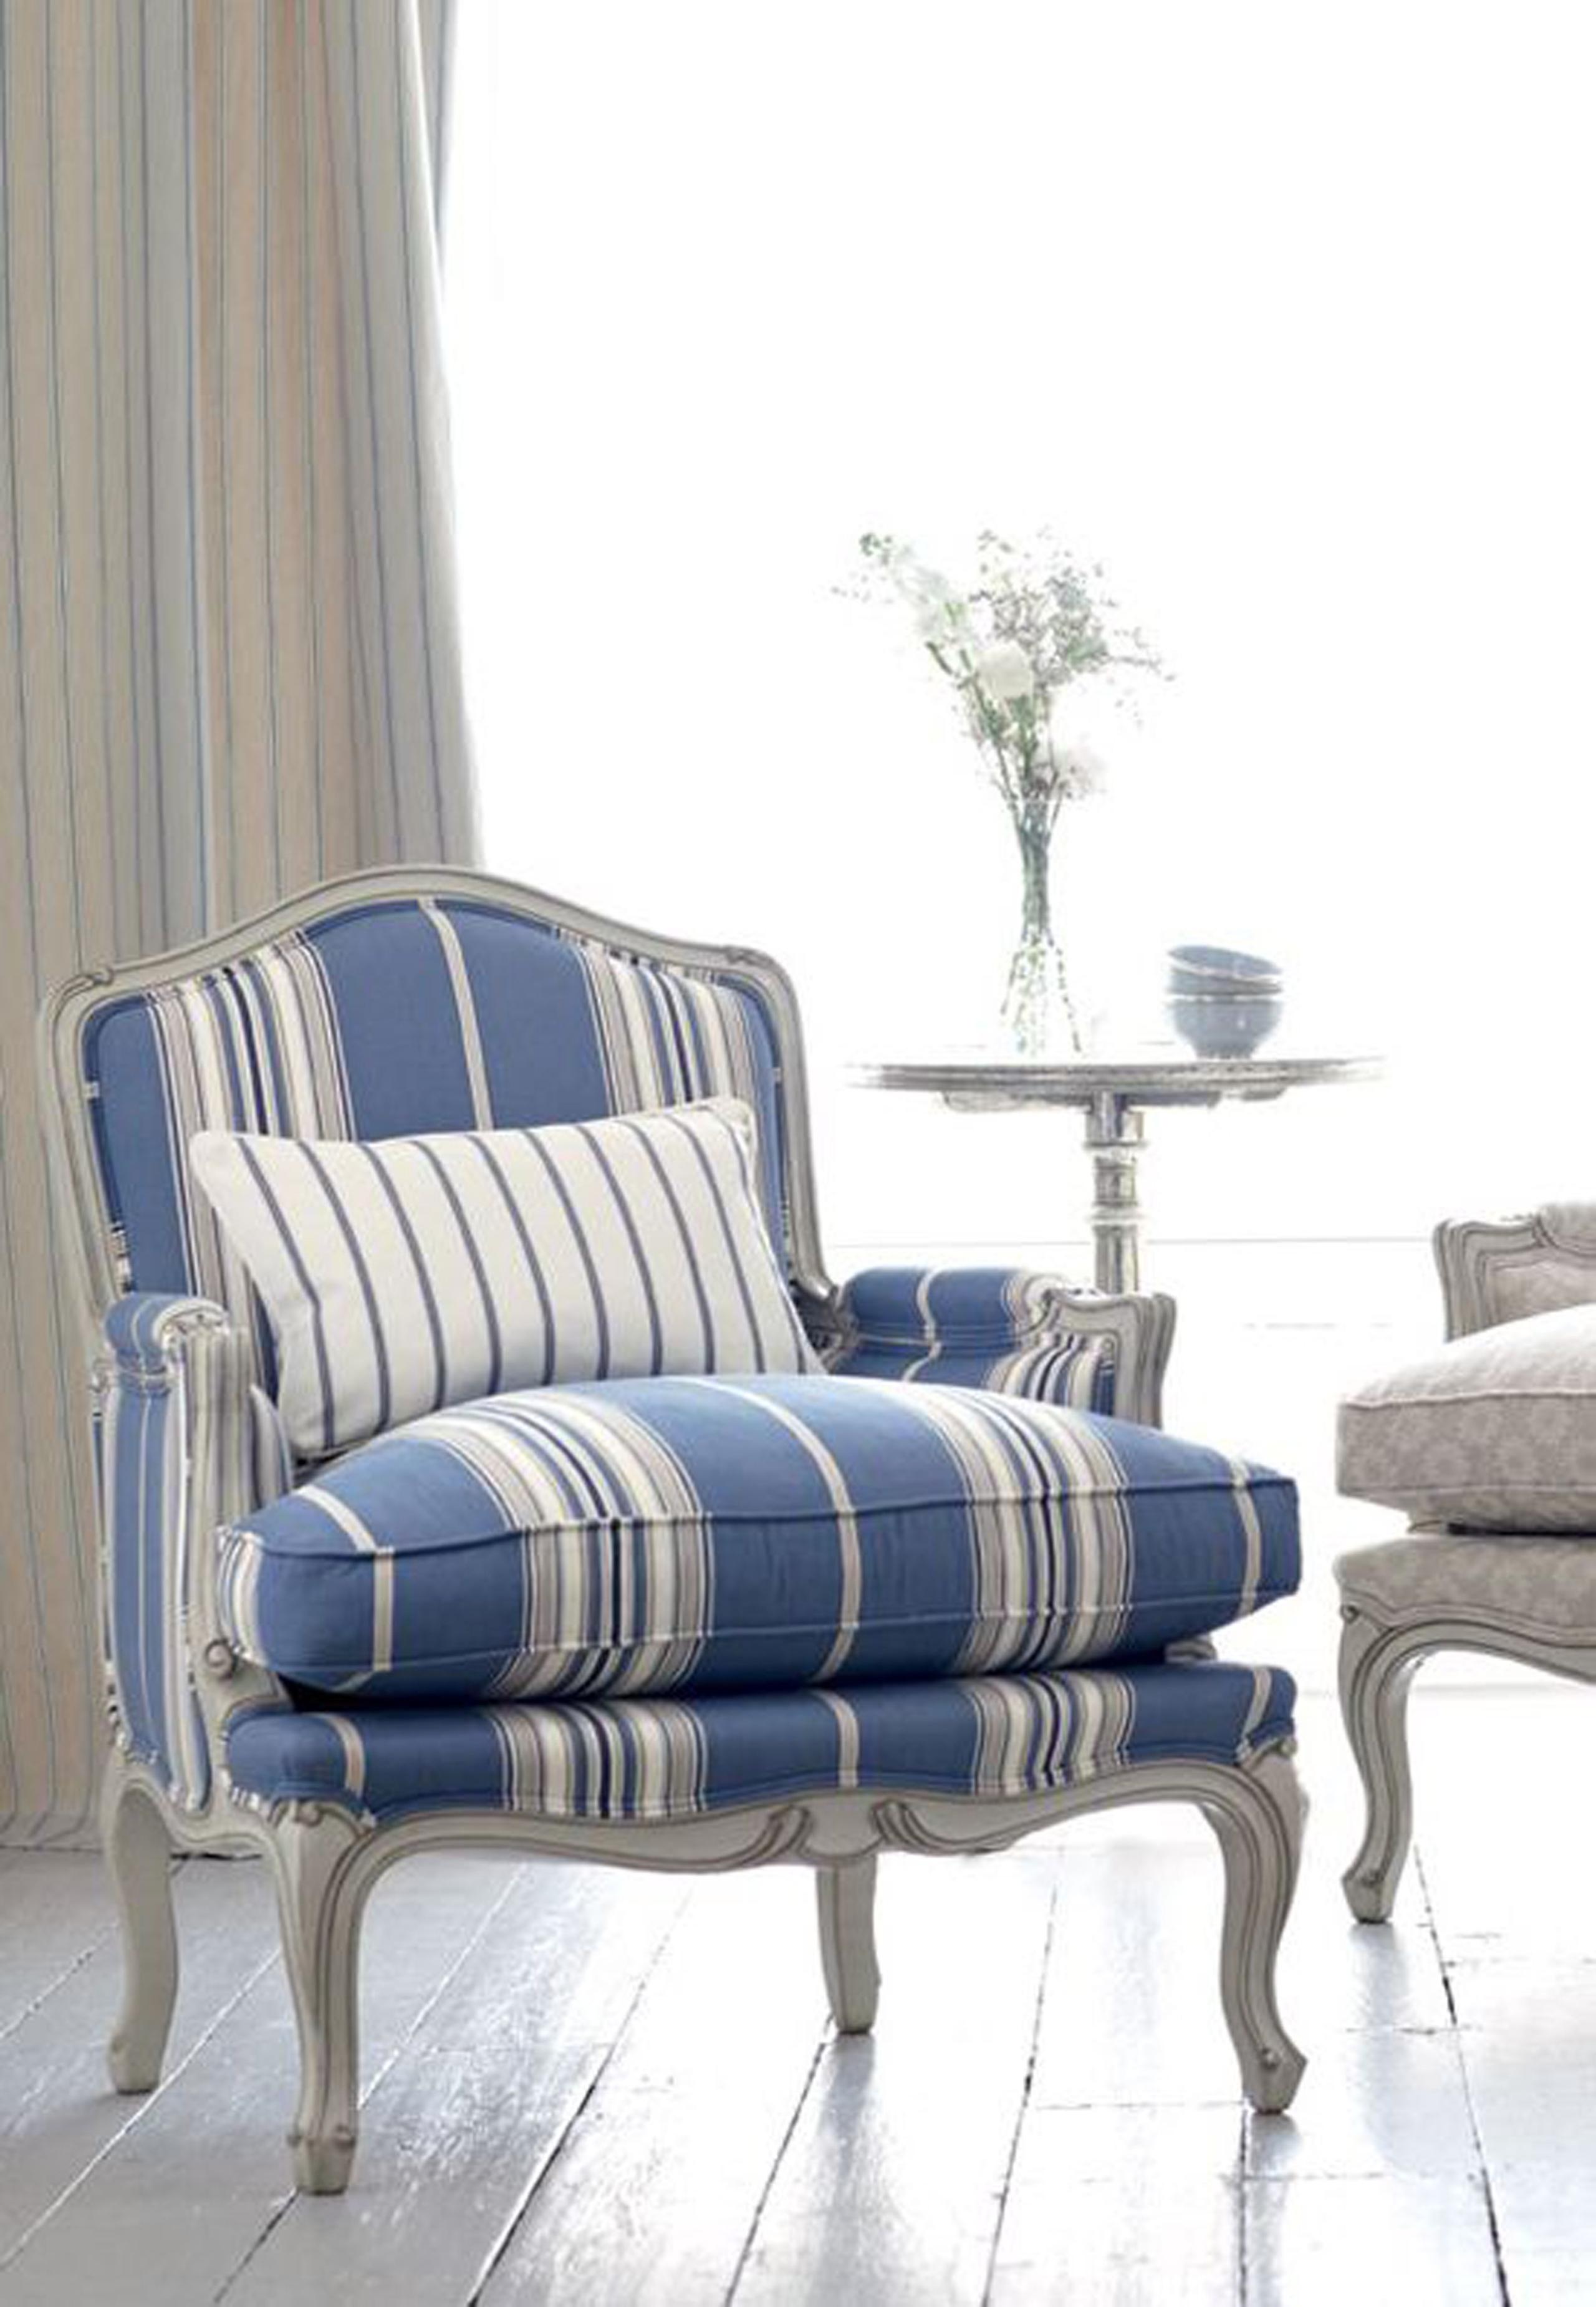 Cane Bergere Chair